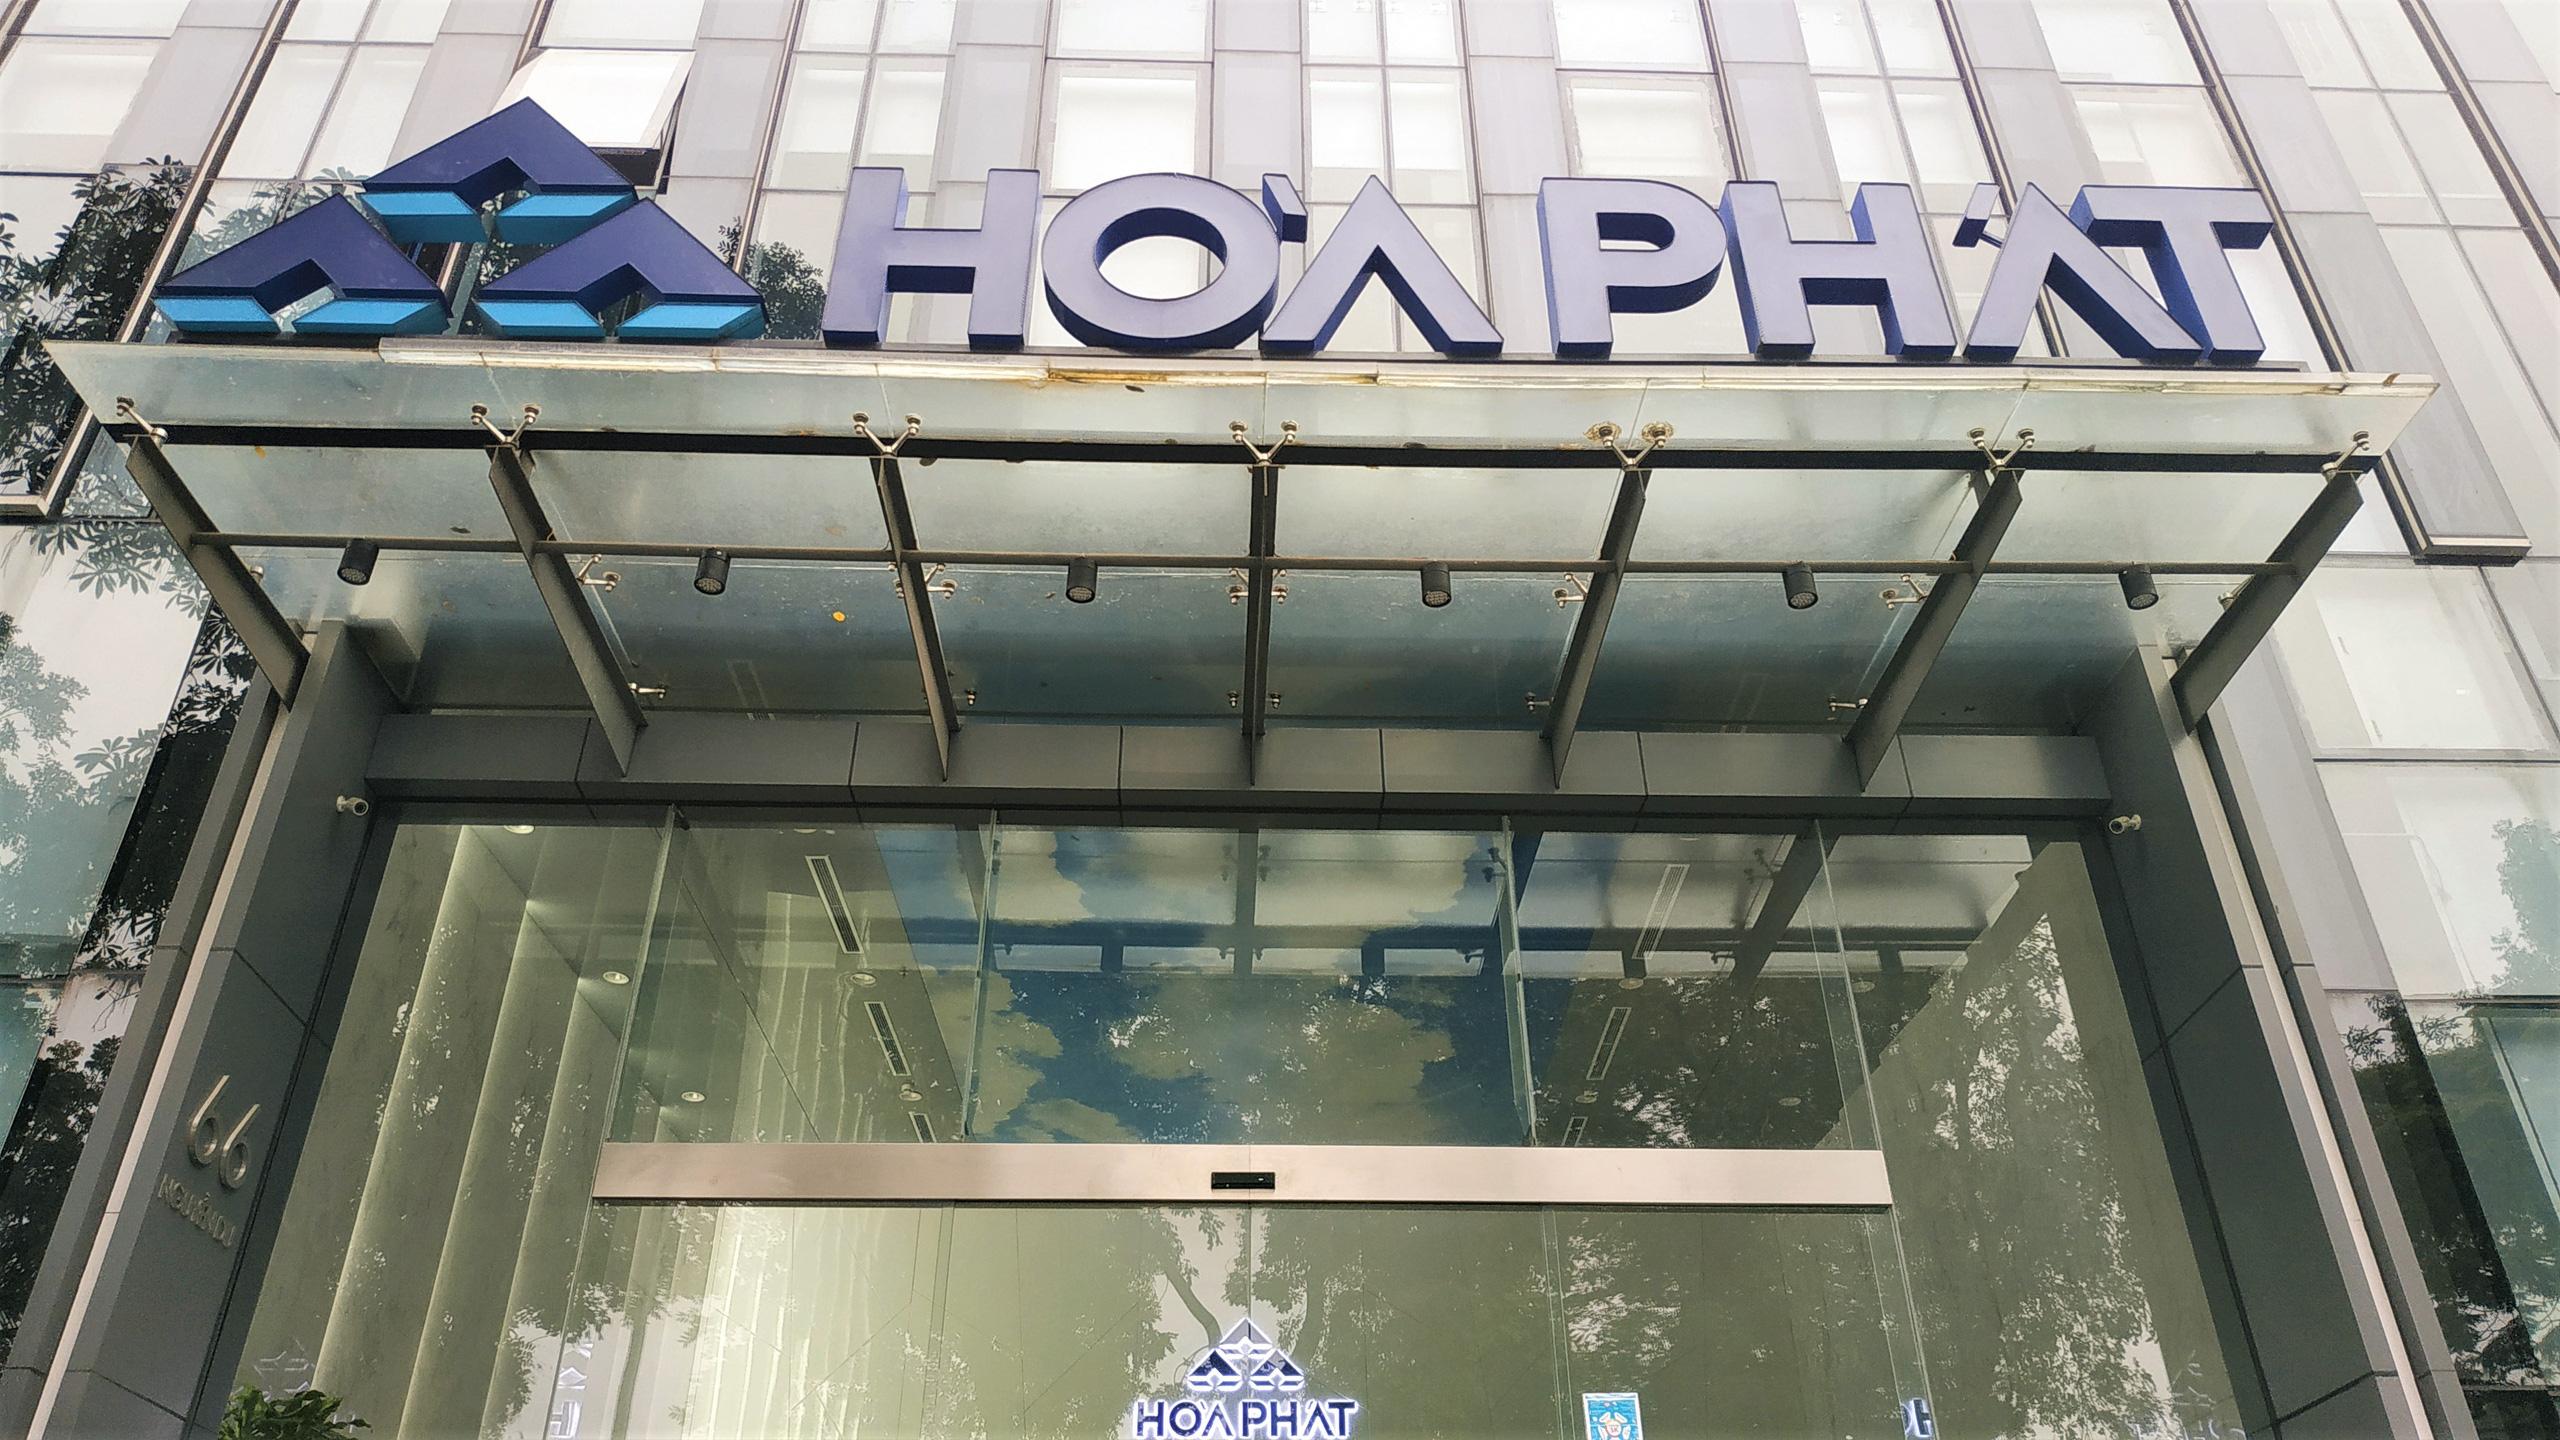 Vietcombank, VietinBank chưa trả cổ tức, Hòa Phát tạm giữ ngôi đầu vốn điều lệ - Ảnh 1.